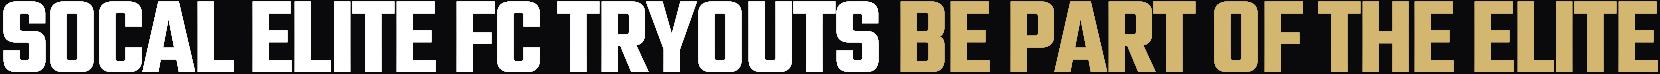 trypouts-cta-title1